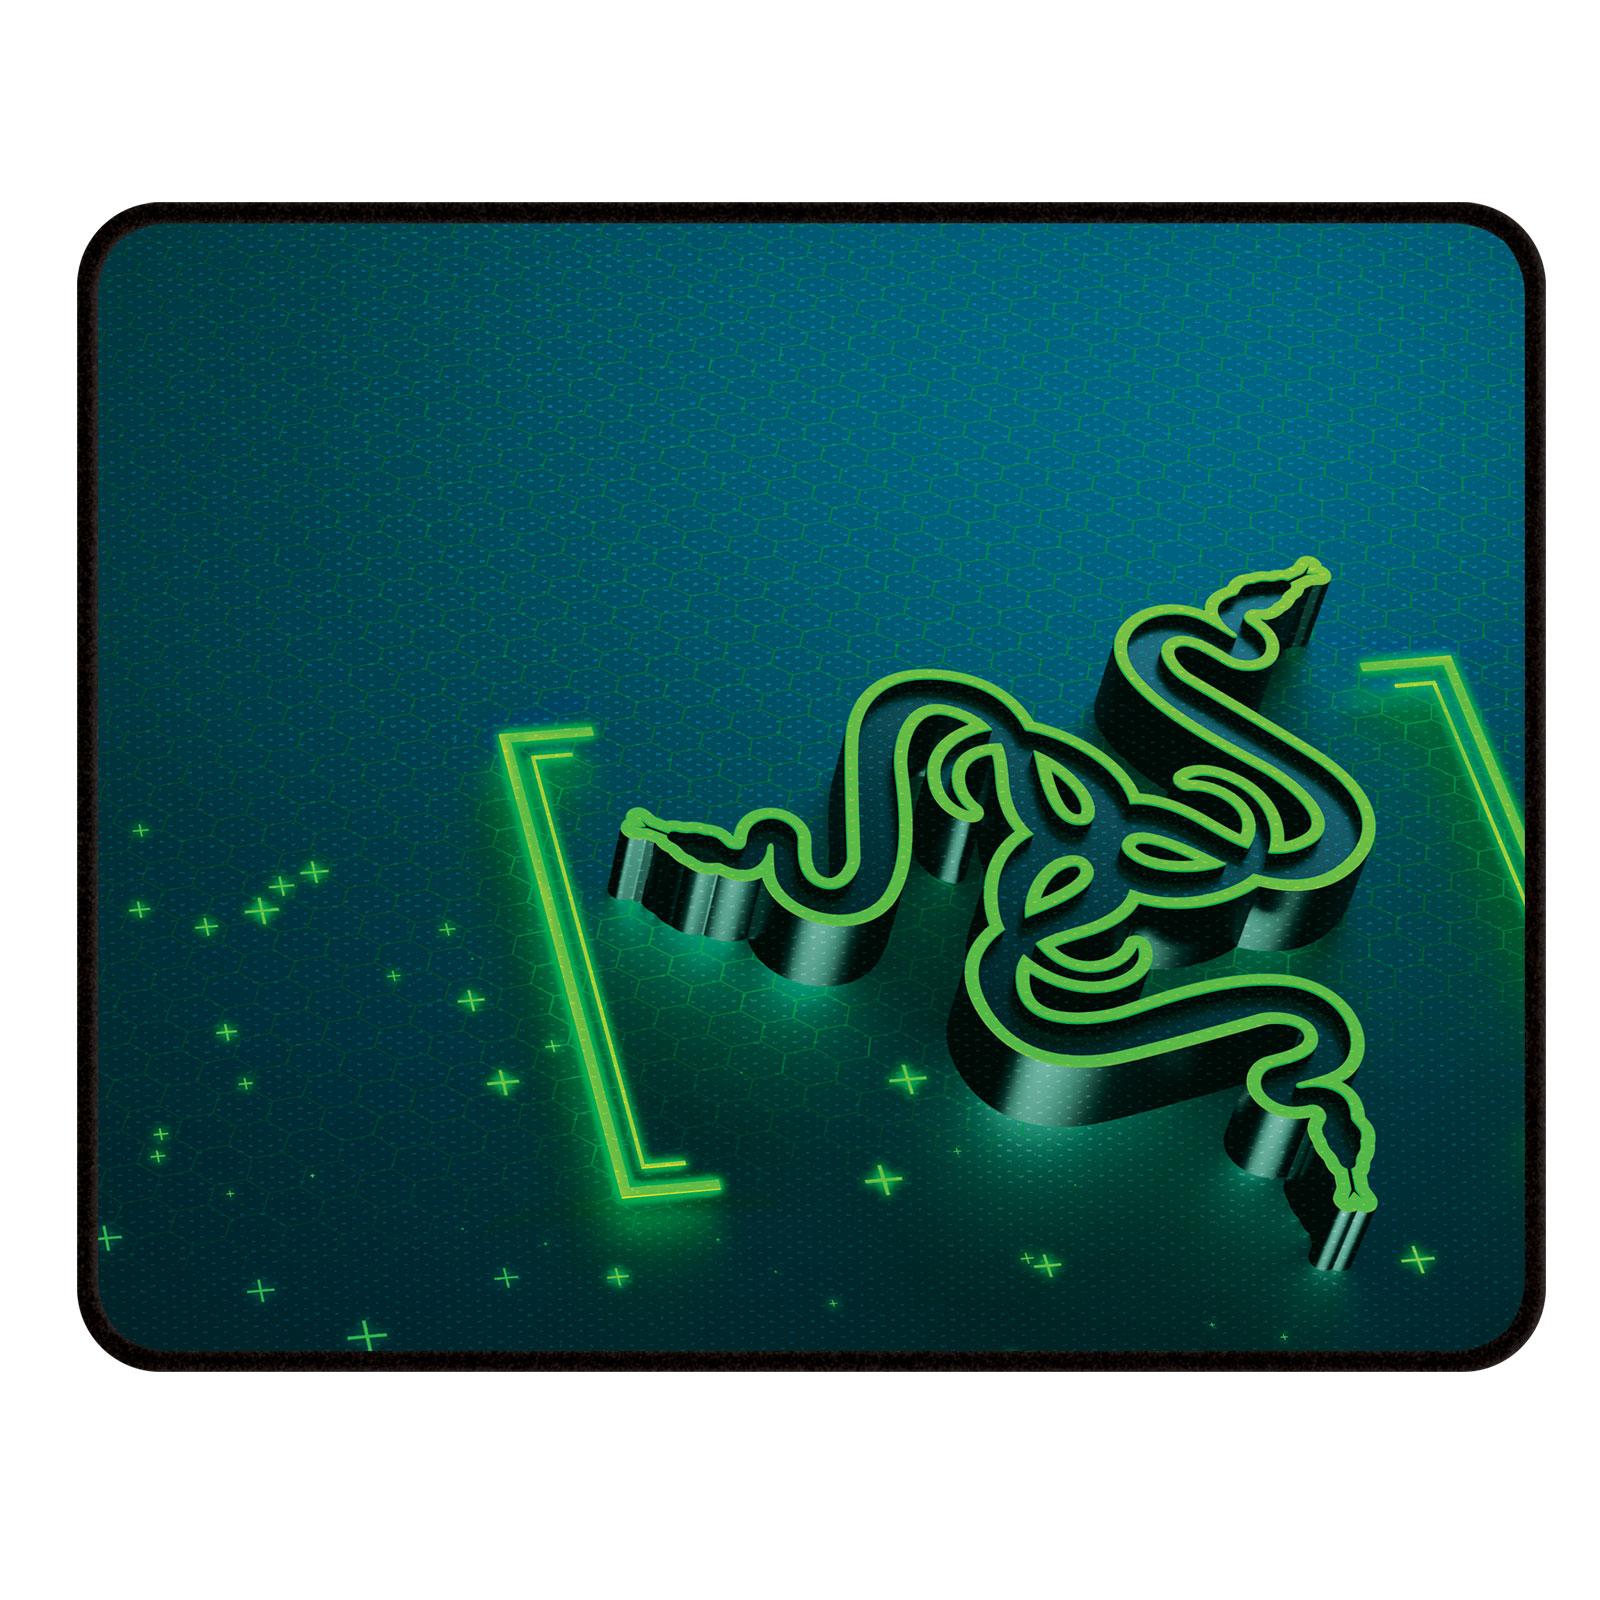 Tapis de souris Razer Goliathus Control - Gravity (Small) Tapis de souris souple pour gamer (format réduit)